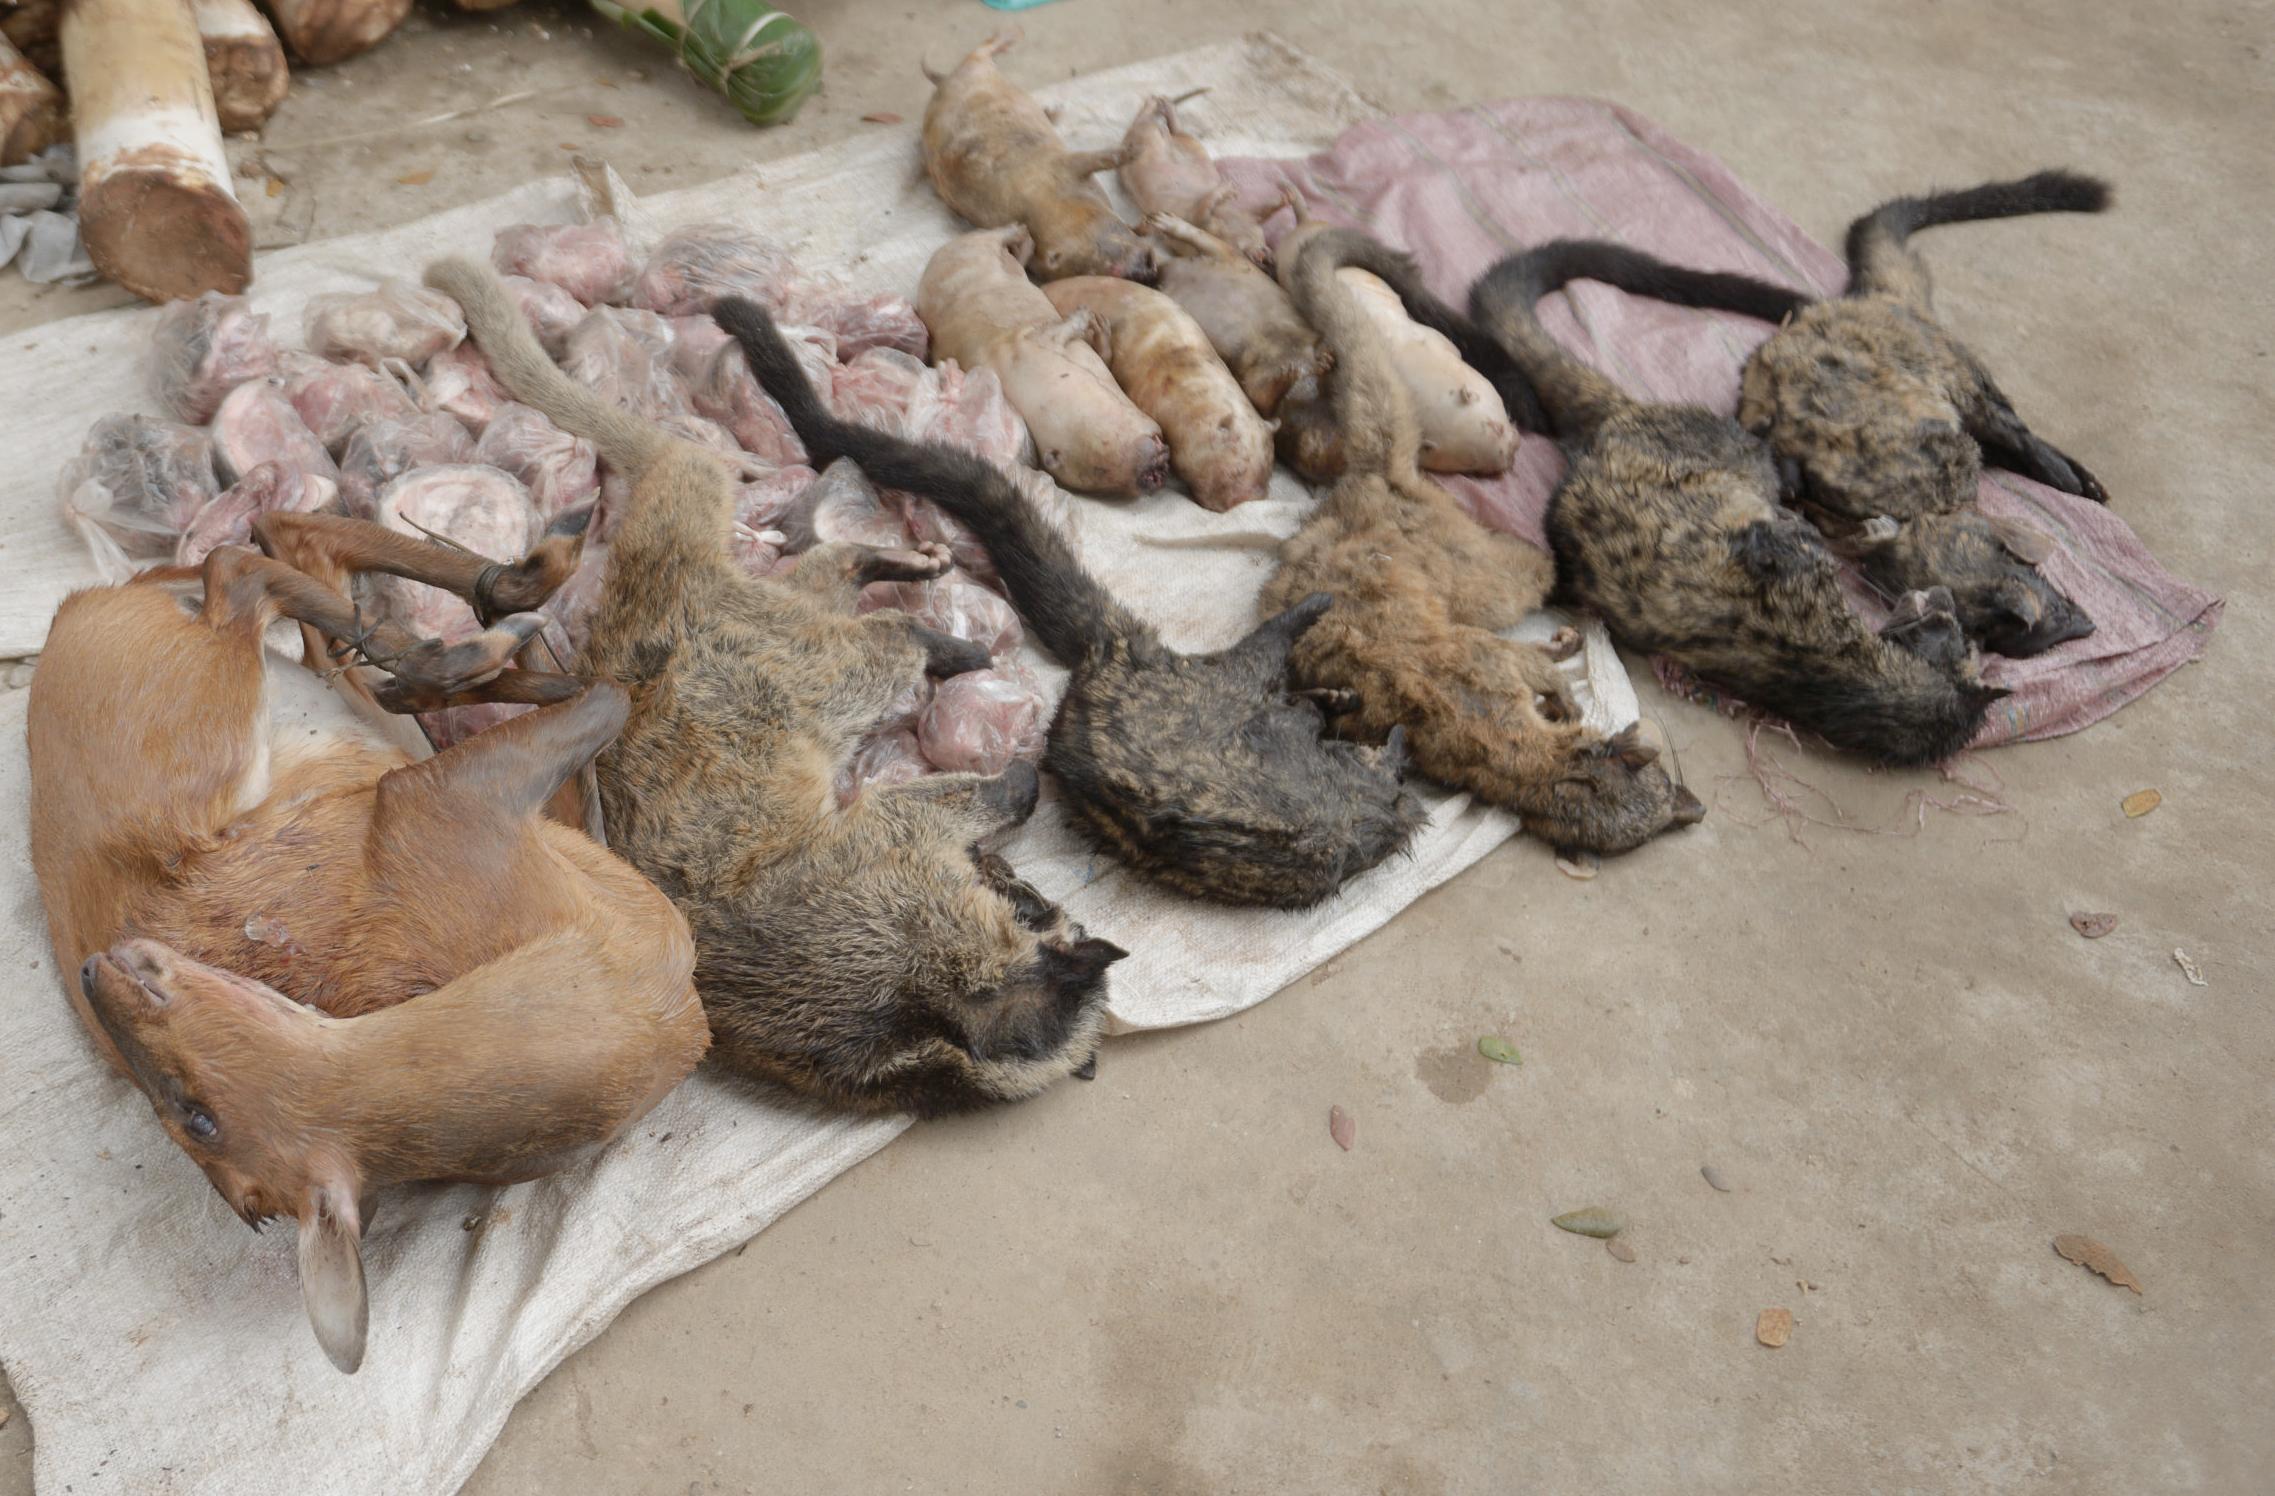 Tuyên bố của WWF về đóng cửa các thị trường buôn bán các loài hoang dã trái pháp luật trên toàn châu Á – Thái Bình Dương